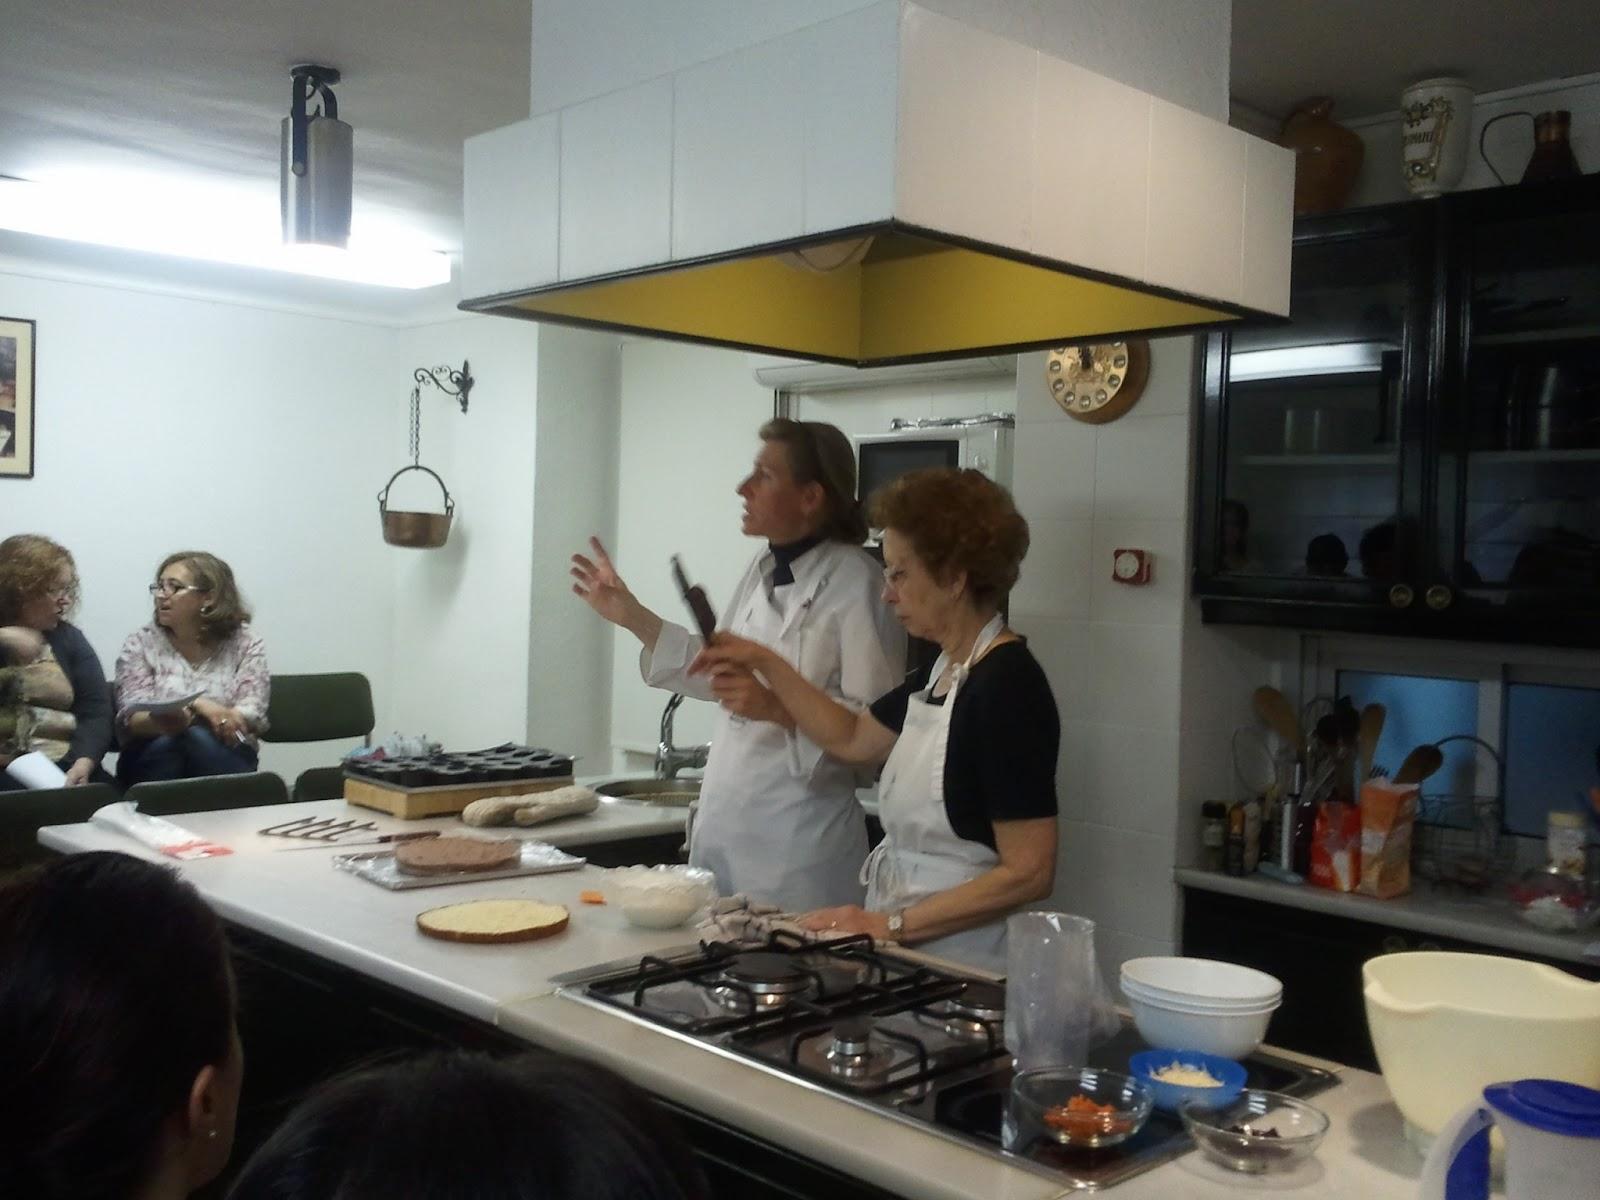 Mono de trigo segunda sesi n de curso de cocina sin for Clases de cocina barcelona